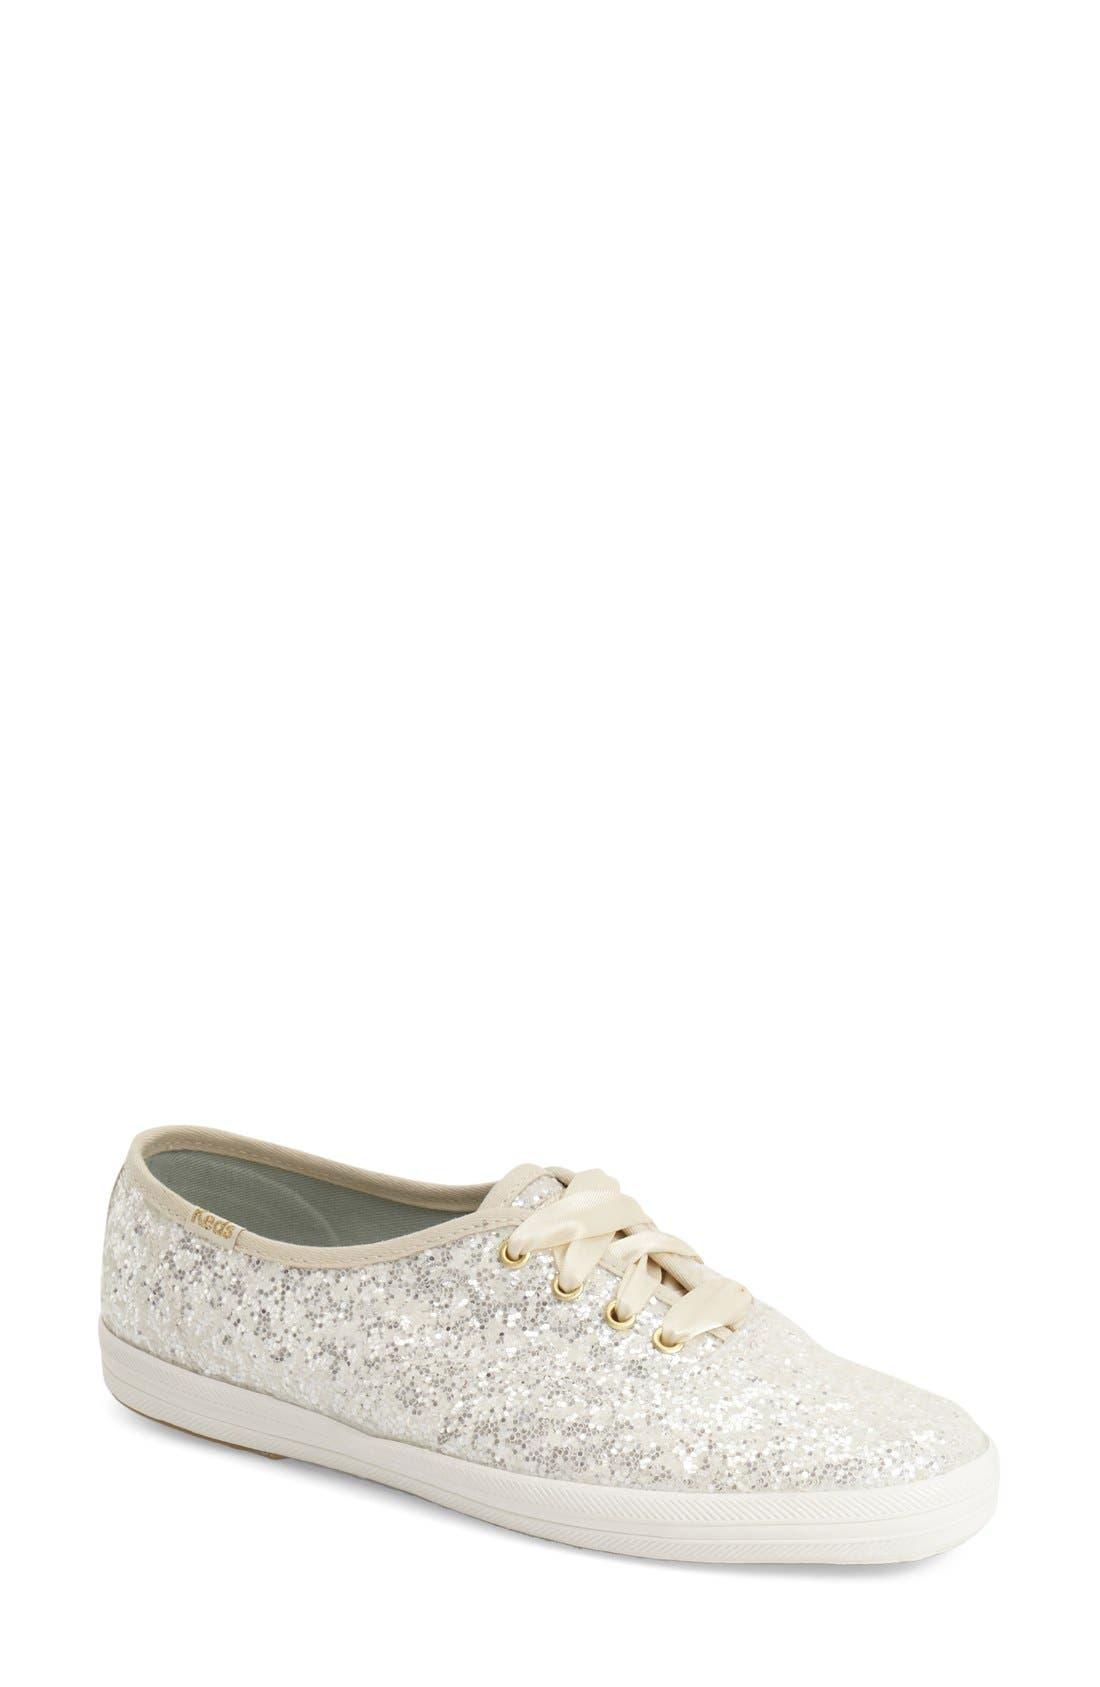 Alternate Image 1 Selected - Keds® for kate spade new york glitter sneaker (Women)